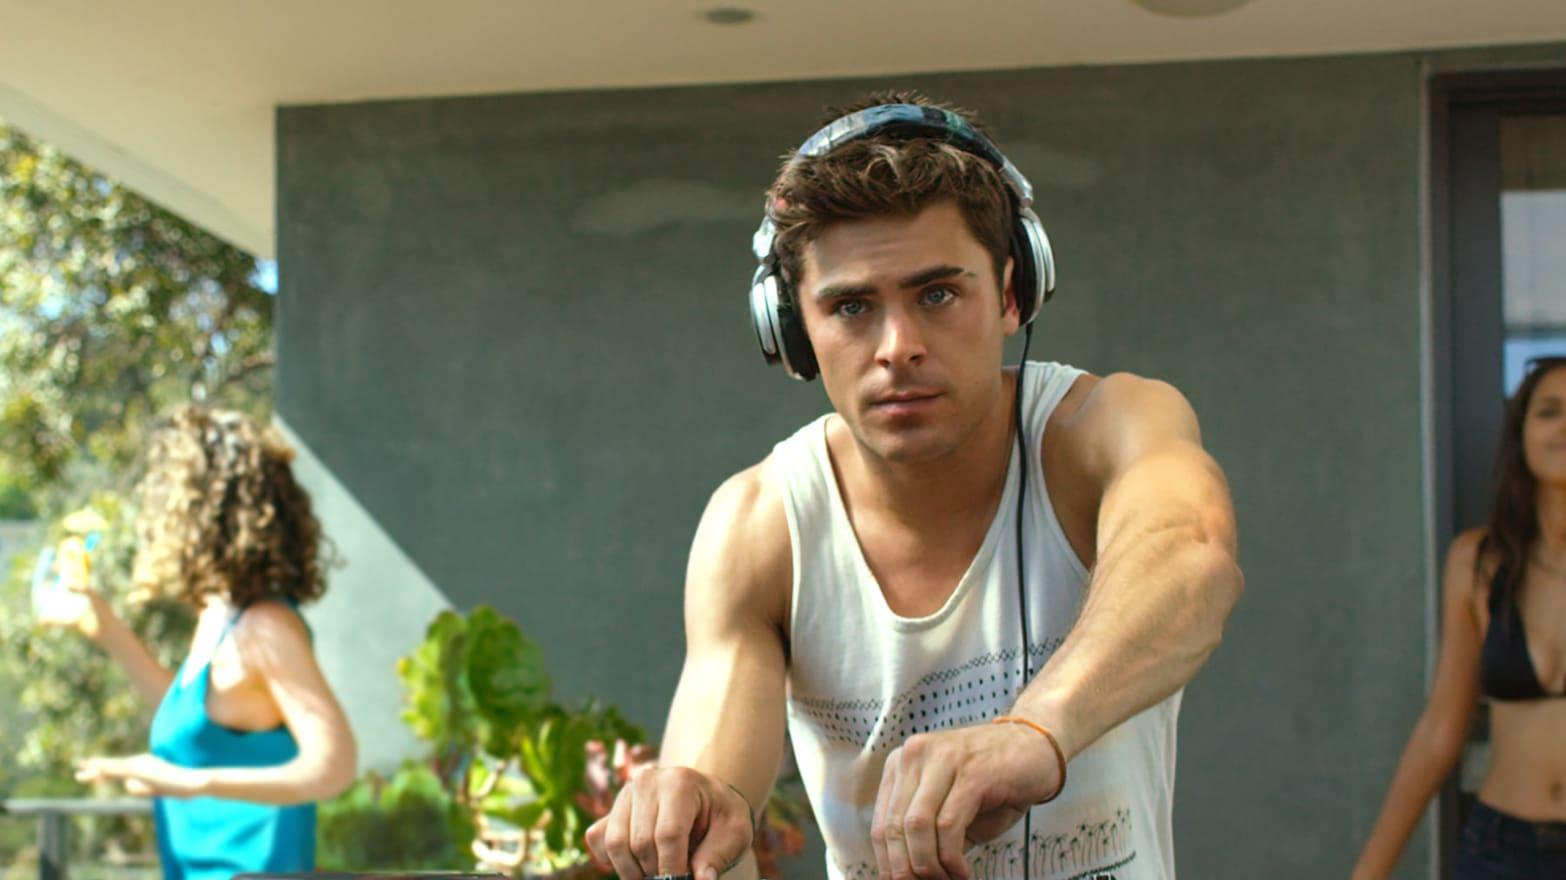 DJ Zac Efron Is Not Your Friend